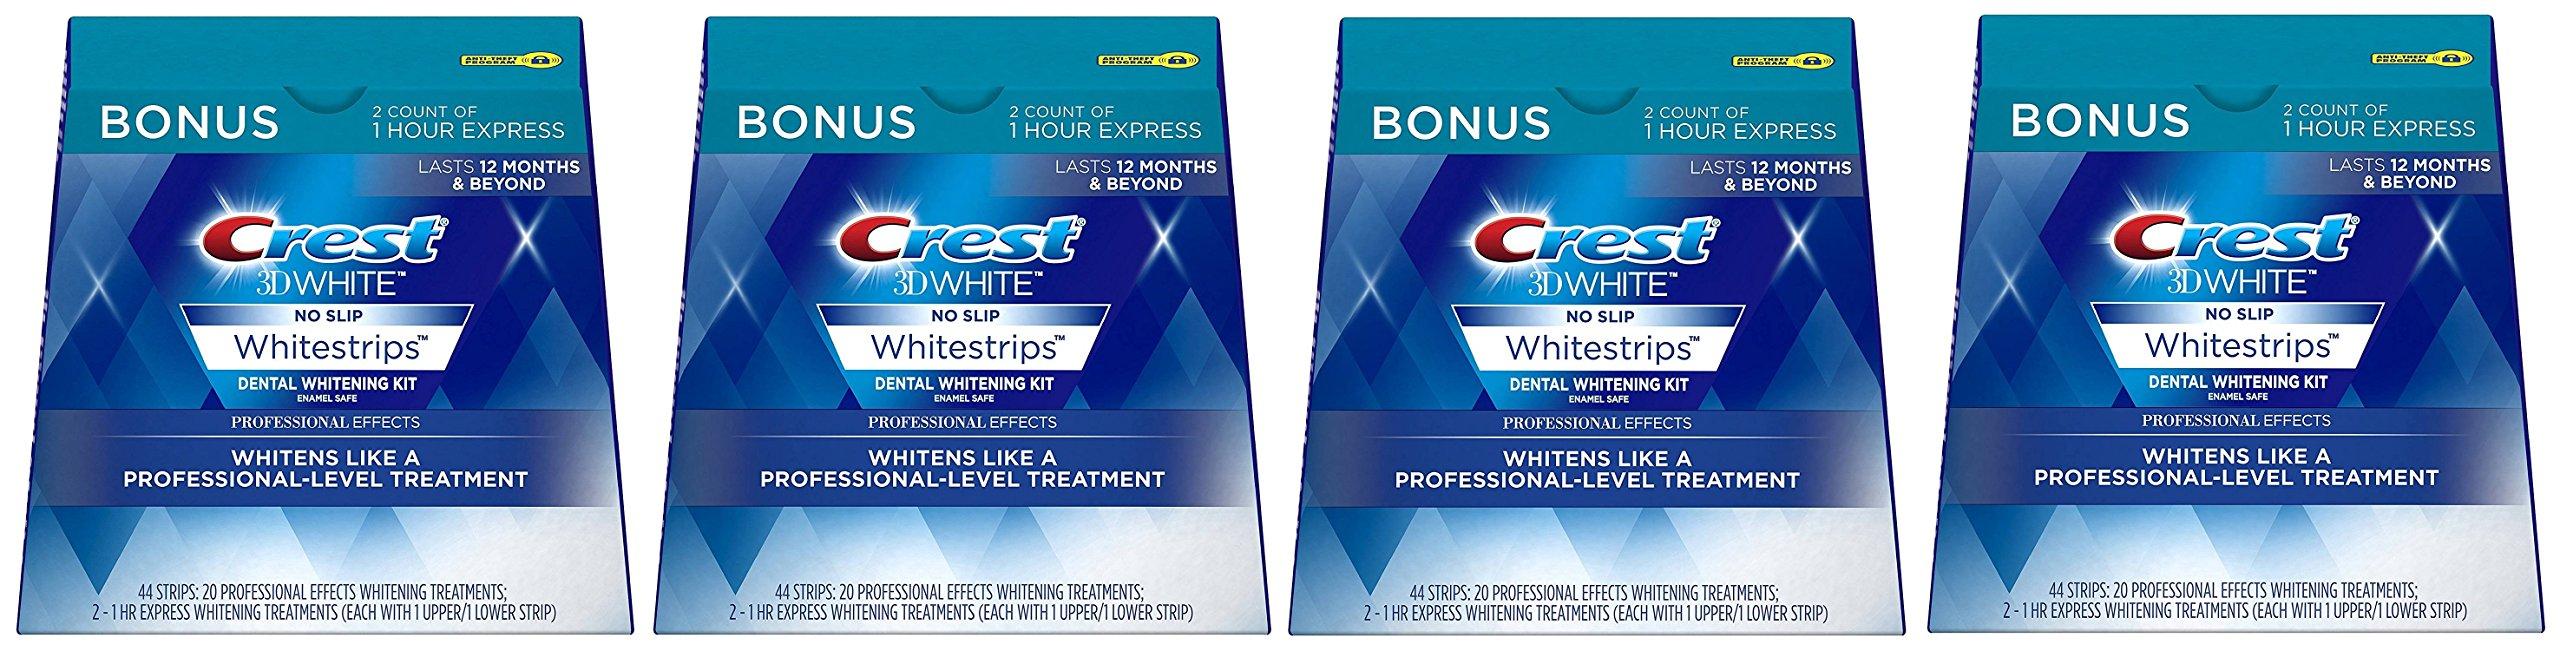 Crest 3D White Professional Effects mmLBsT Whitestrips Dental Teeth Whitening Strips Kit, 4 Pack